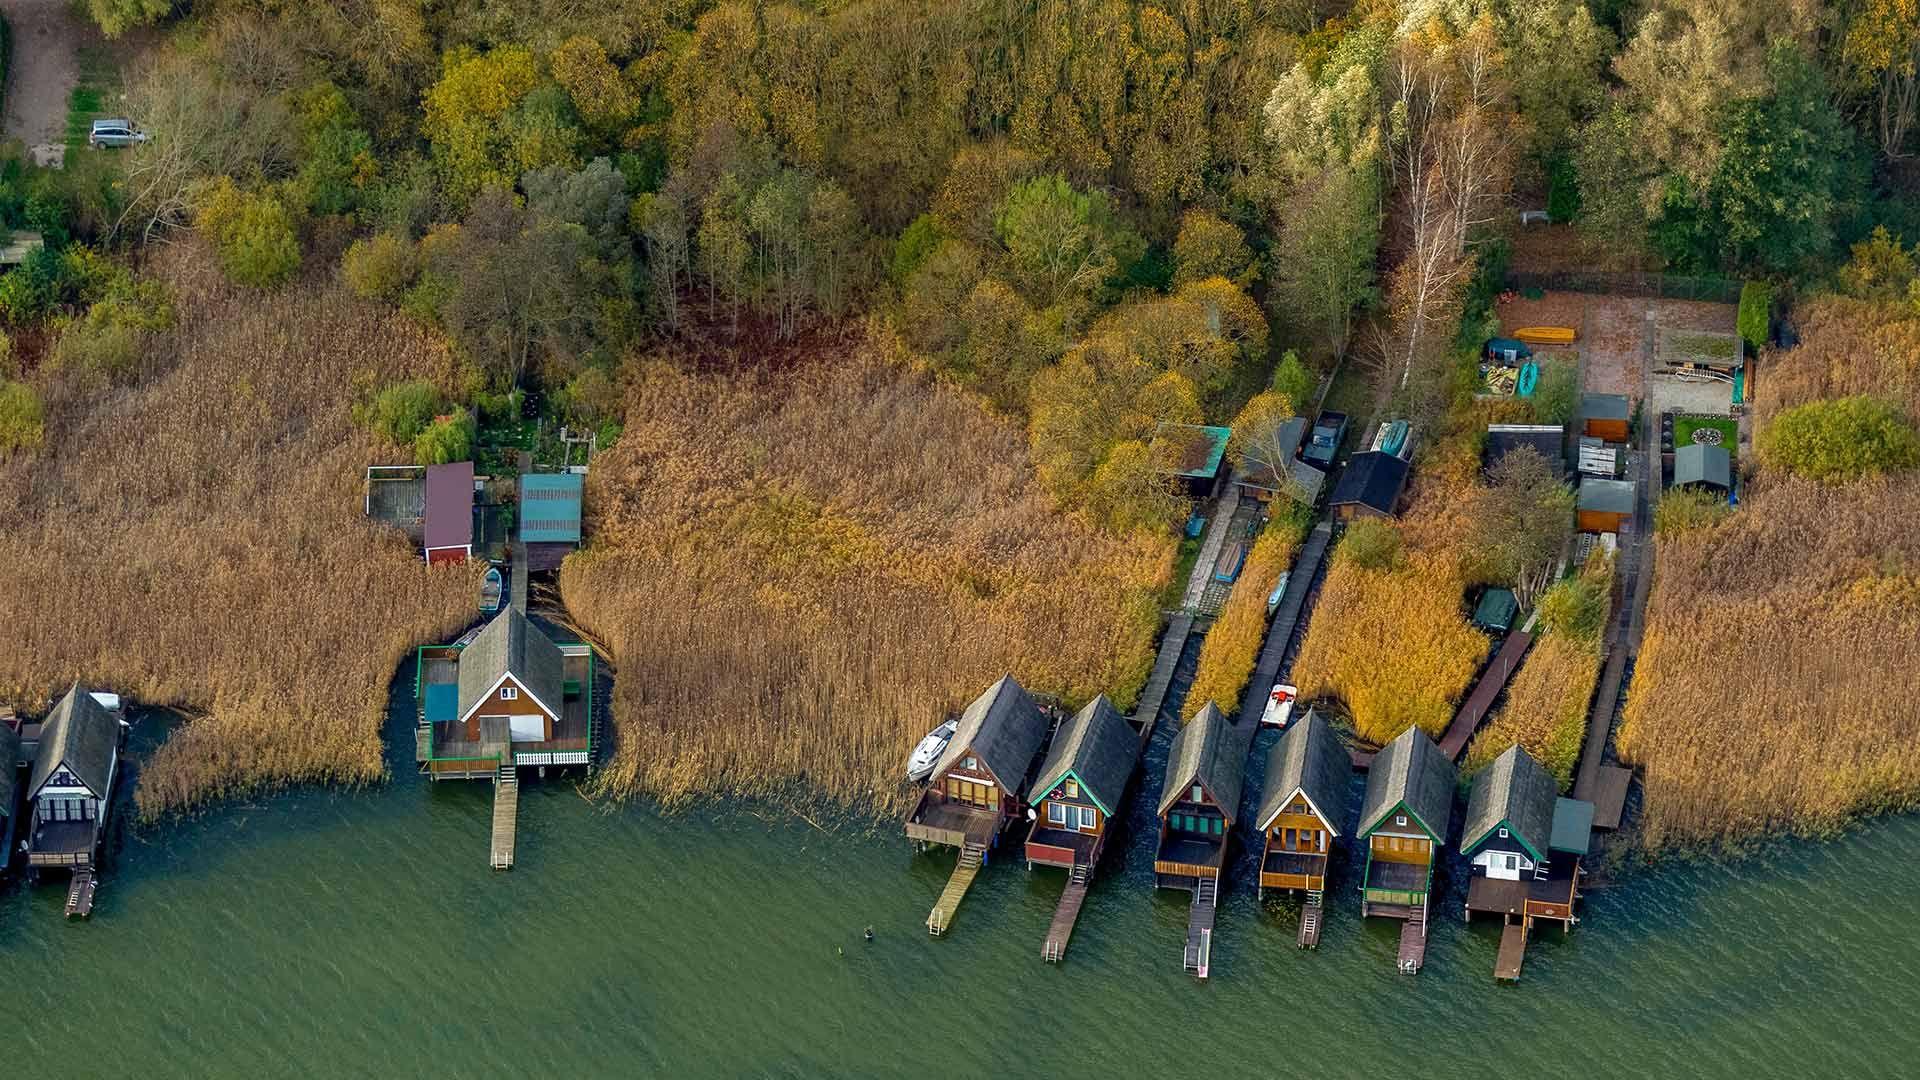 Bootshäuser am Inselsee, Güstrow, Mecklenburg-Vorpommern, Deutschland